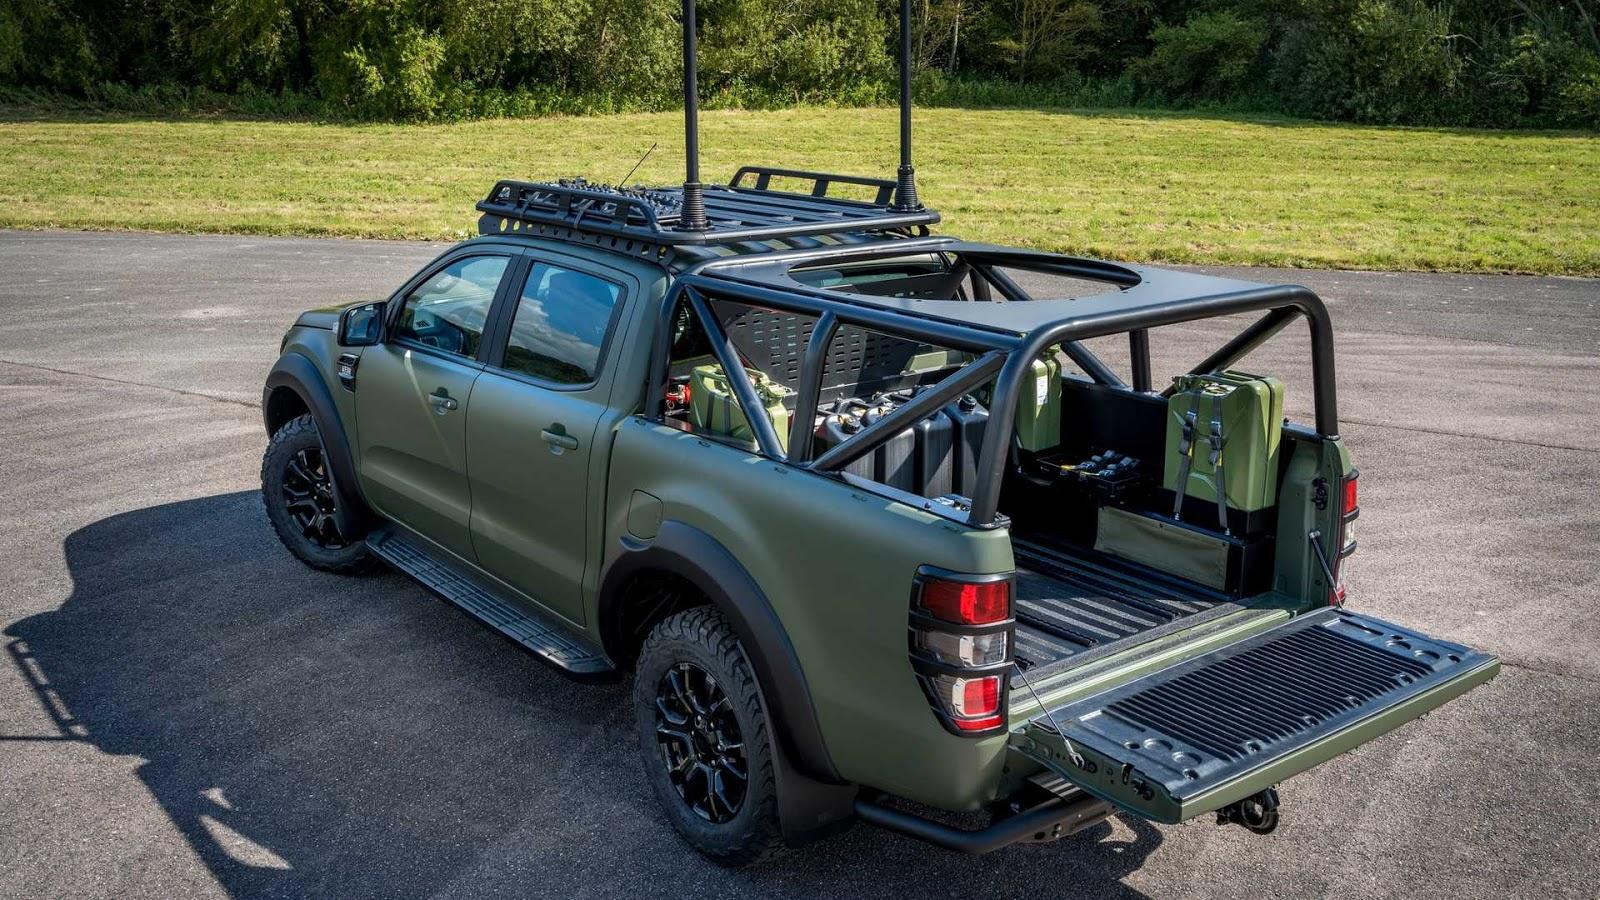 Позашляховики Ford Ranger замінять Honker в армії Польщі